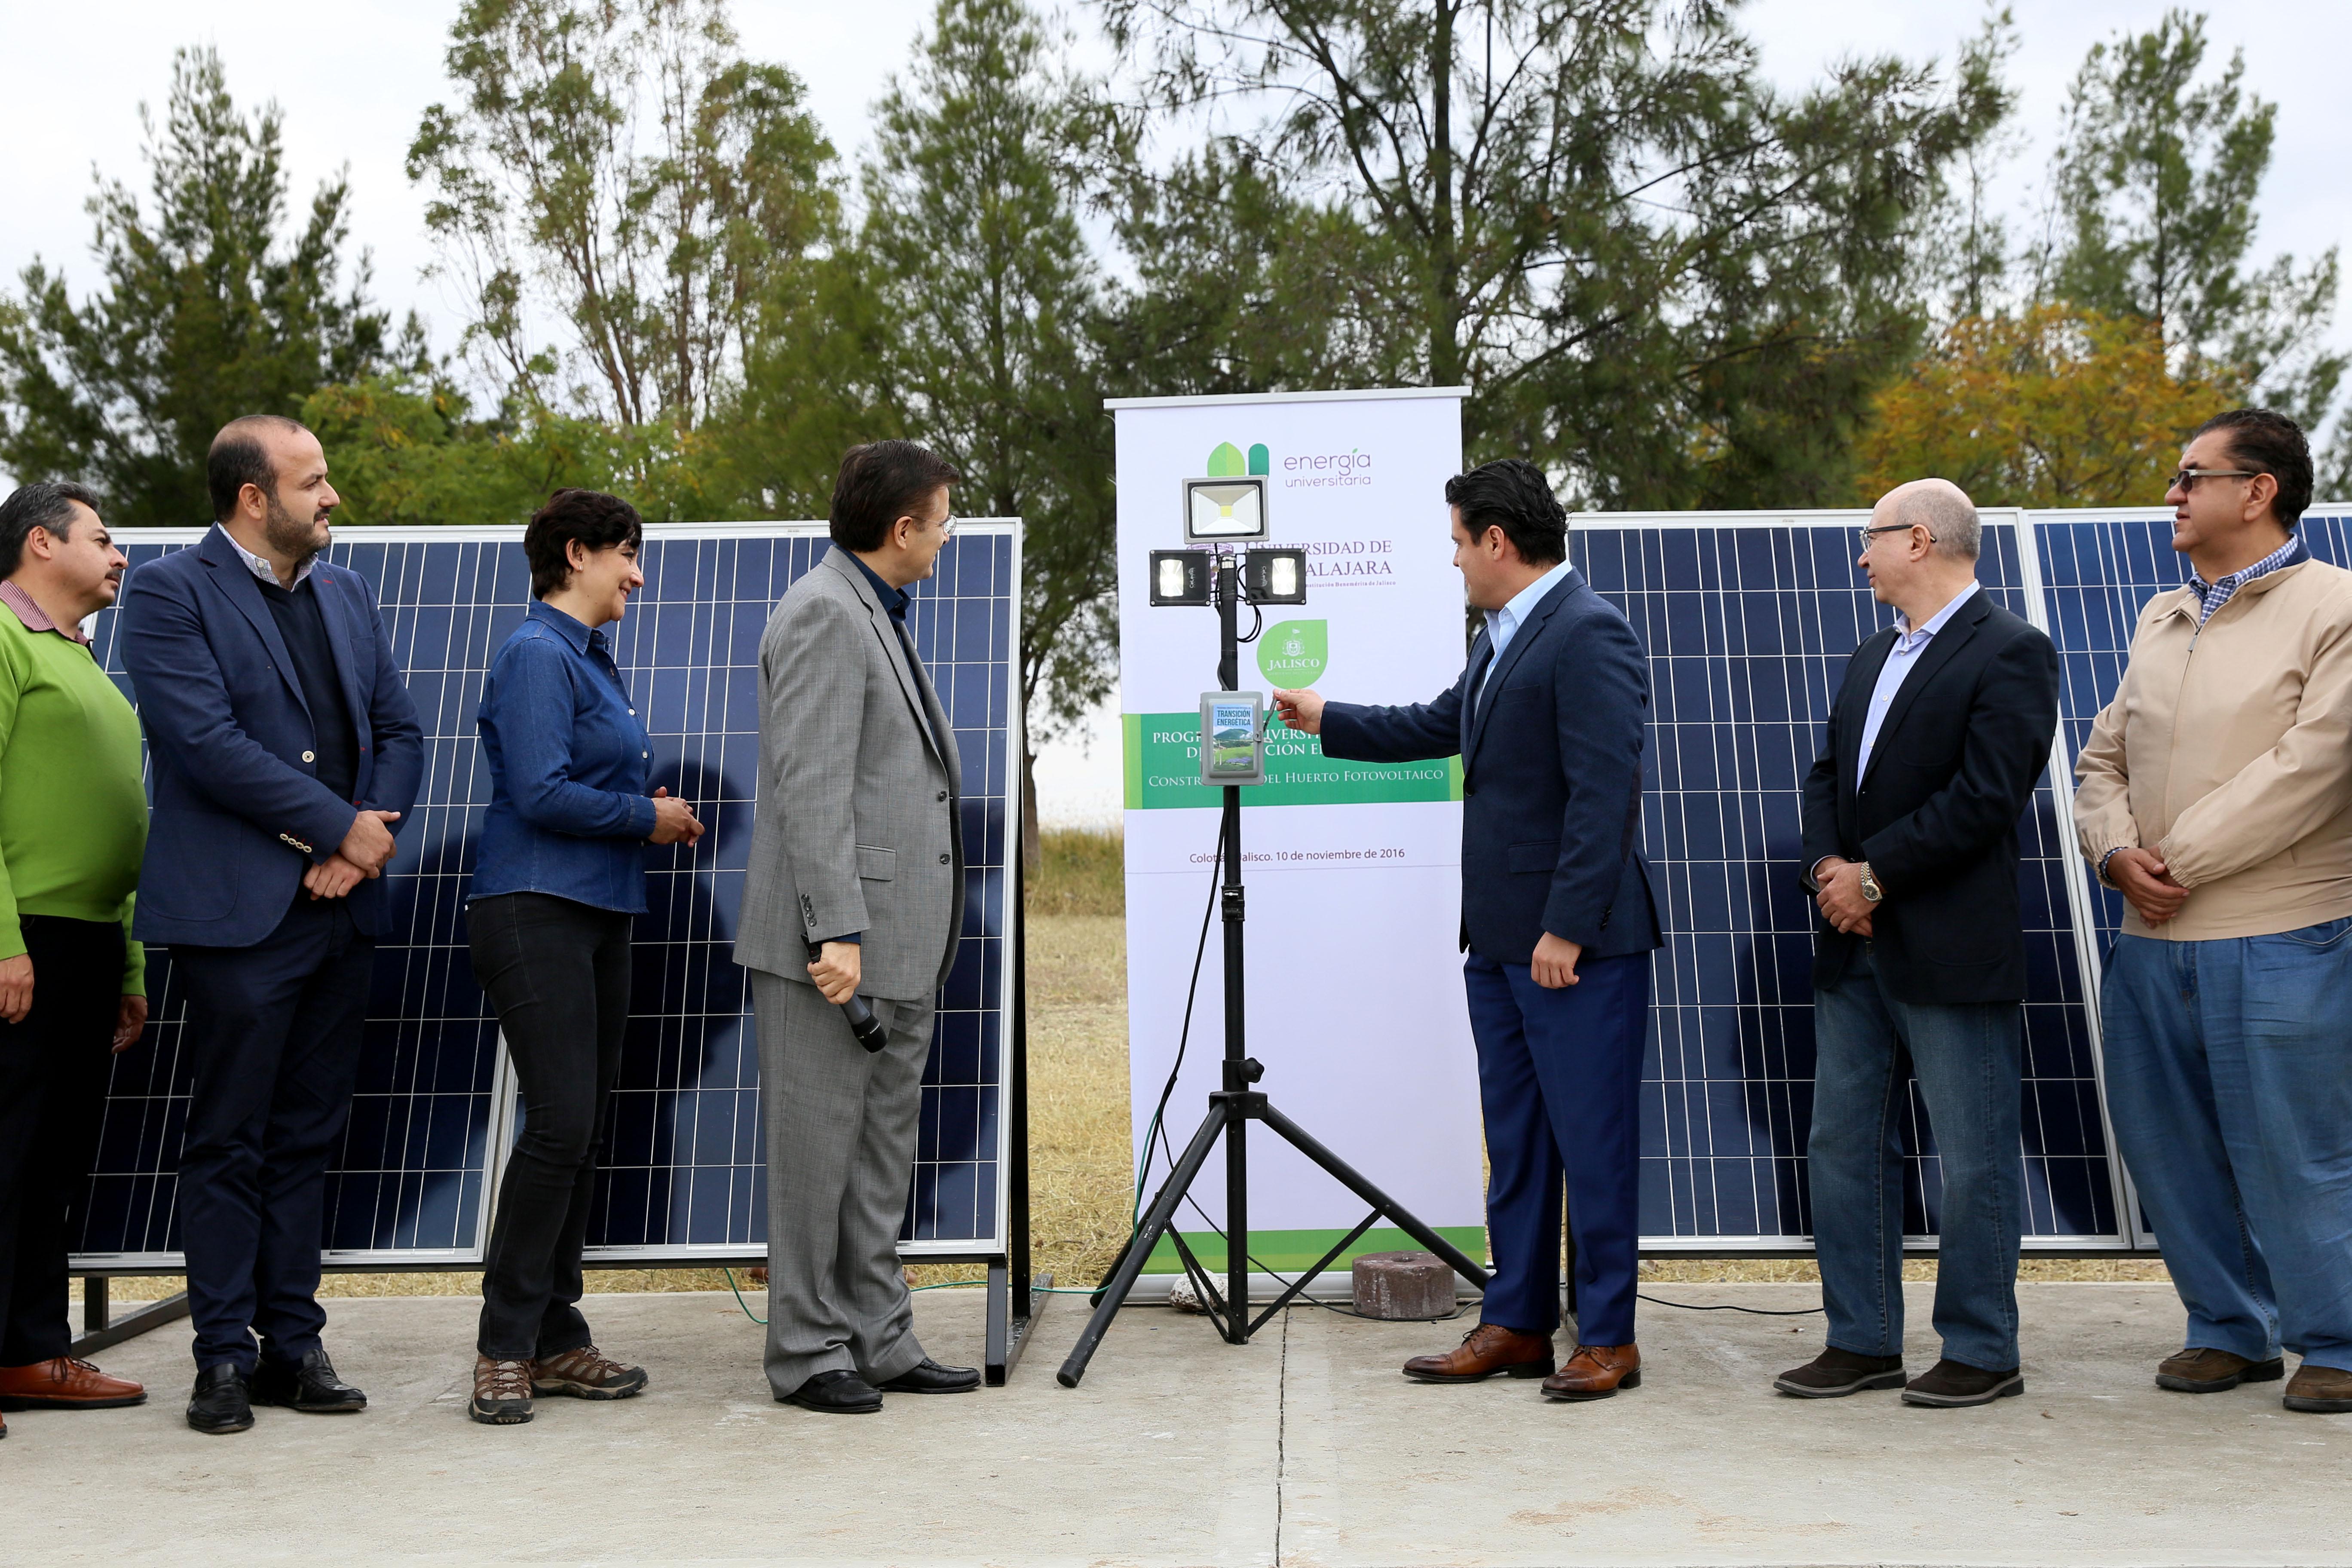 Gobernador de Jalisco, maestro Jorge Aristóteles Sandoval Díaz, inagurando un par de paneles solares para dar inicio a la primera planta fotovoltaica de la universidad de Guadalajara, como parte de su Programa Universitario Integral de Transición Energética (PUITE).